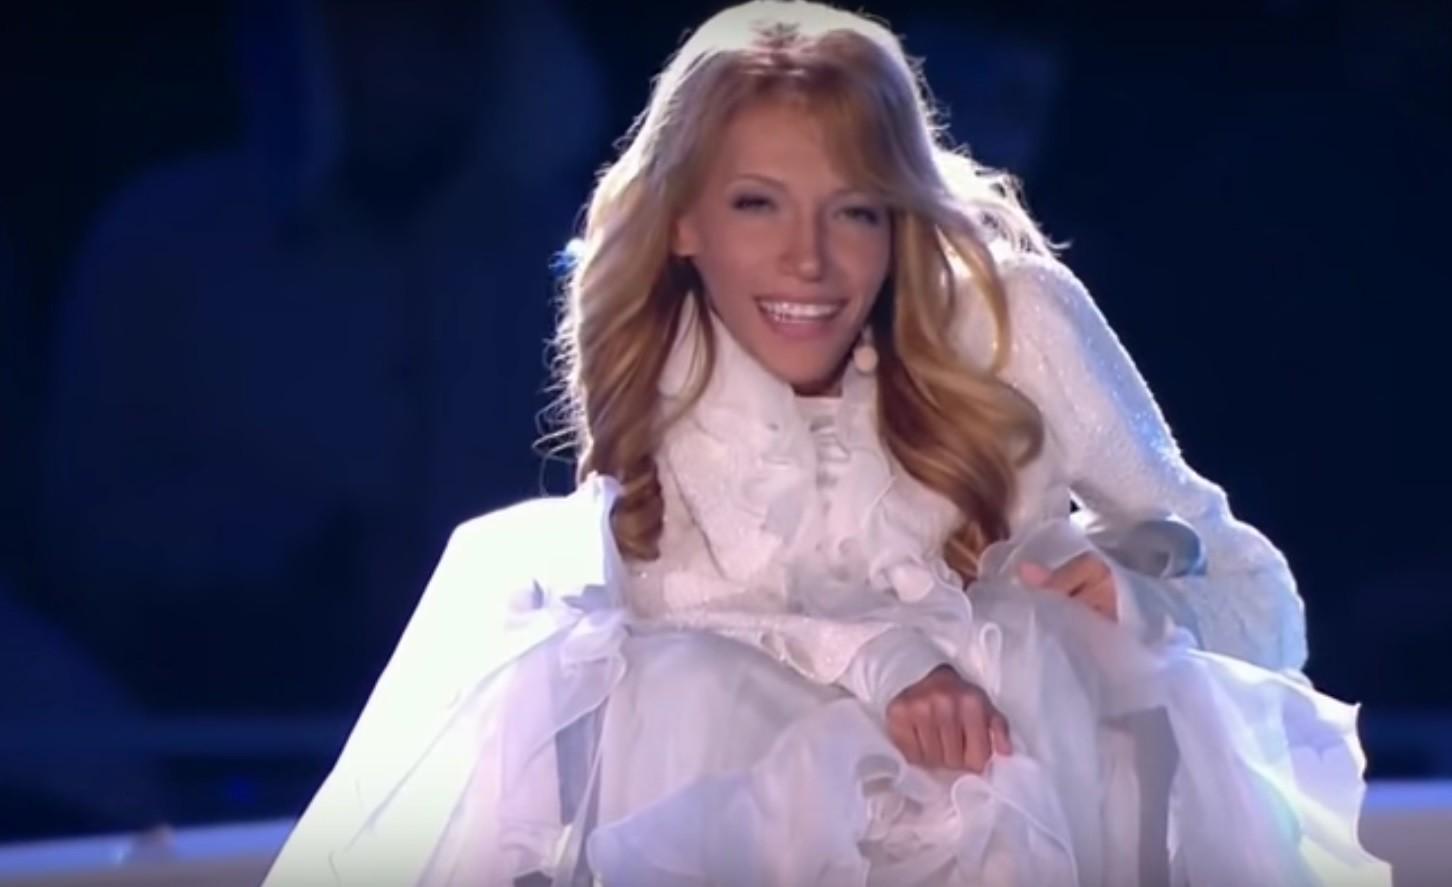 Страсти не утихают: Юлии Самойловой предлагают выступить на «Евровидении-2017» по видеомосту